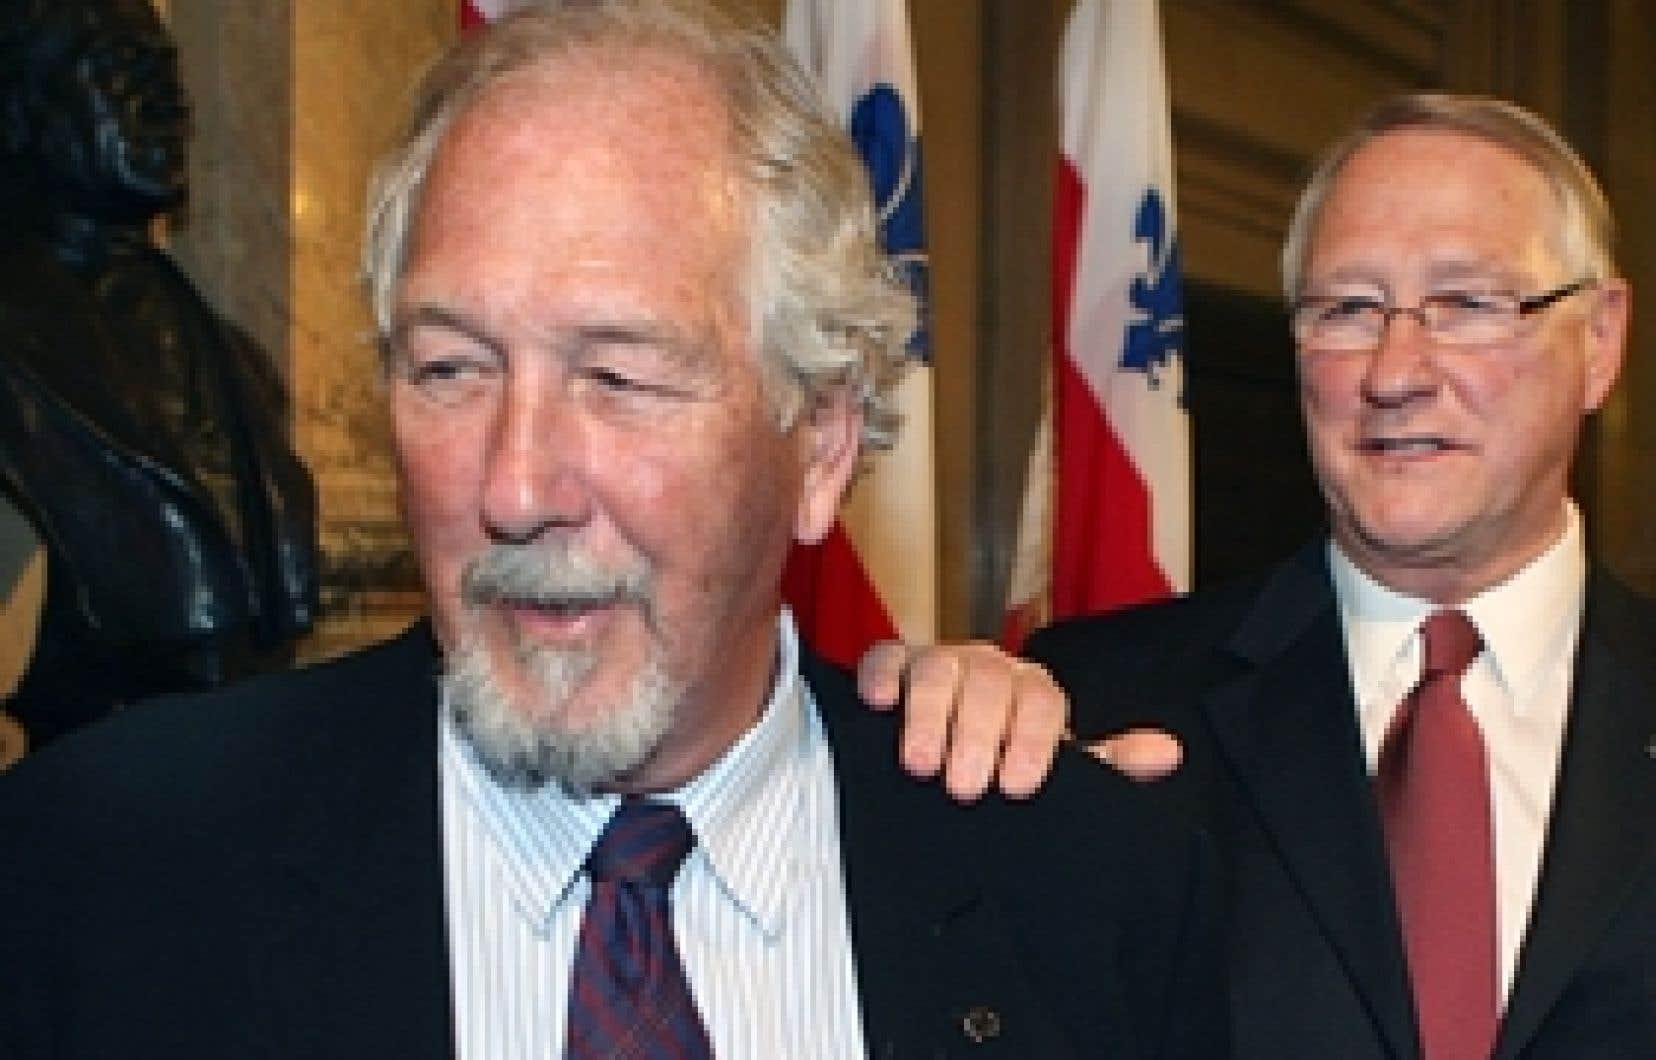 Le maire Gérald Tremblay met une main sur l'épaule de son frère Marcel à qui il vient de retirer la responsabilité du déneigement.